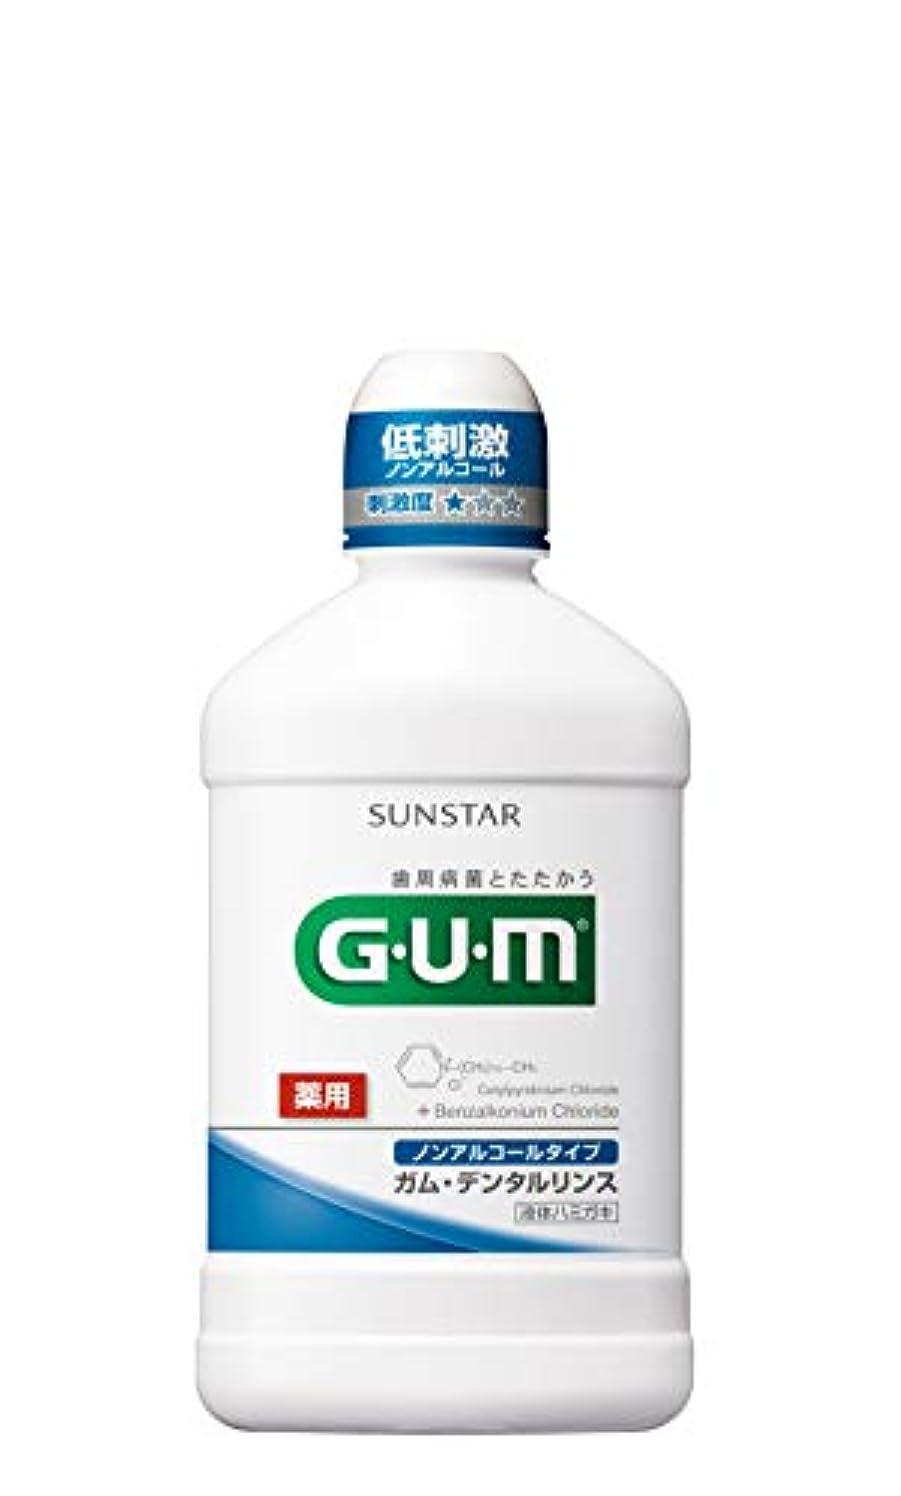 可決書き出す素晴らしい[医薬部外品] GUM(ガム) デンタルリンス ノンアルコールタイプ 薬用液体ハミガキ 250ML <歯周病予防 口臭予防>